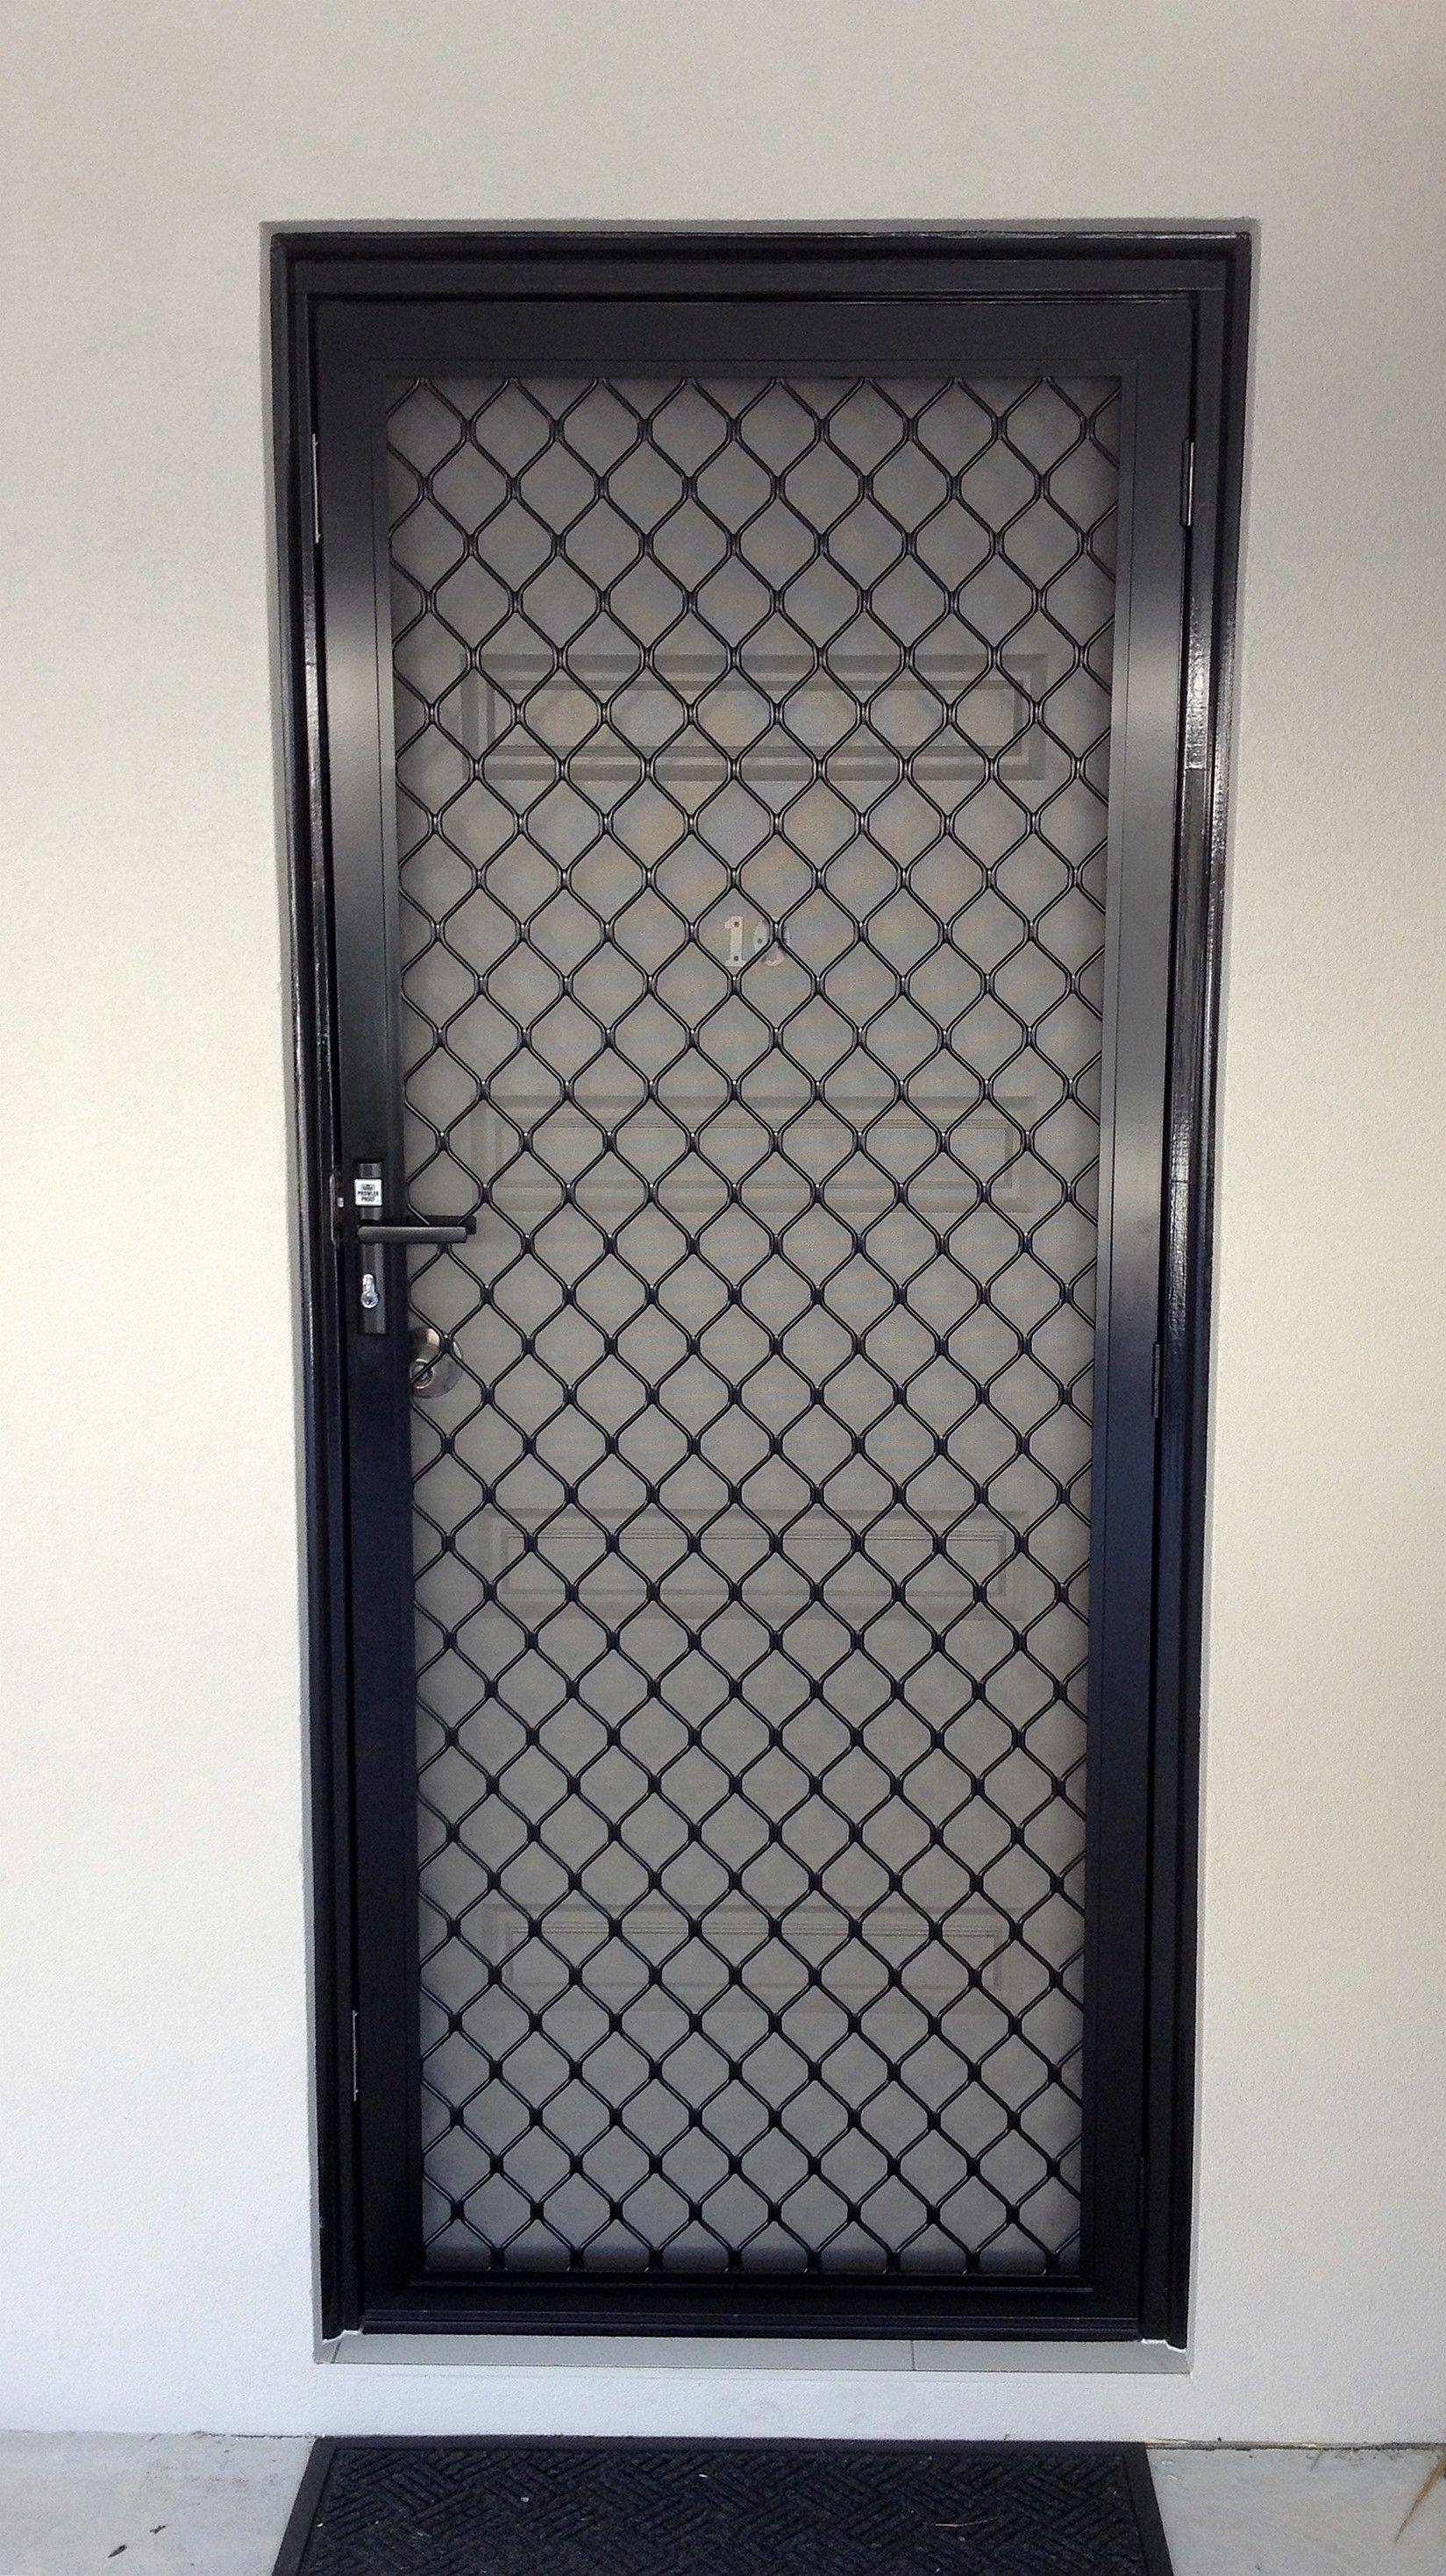 Black diamond grille security screen door diamond grille for Entry door with screen and glass